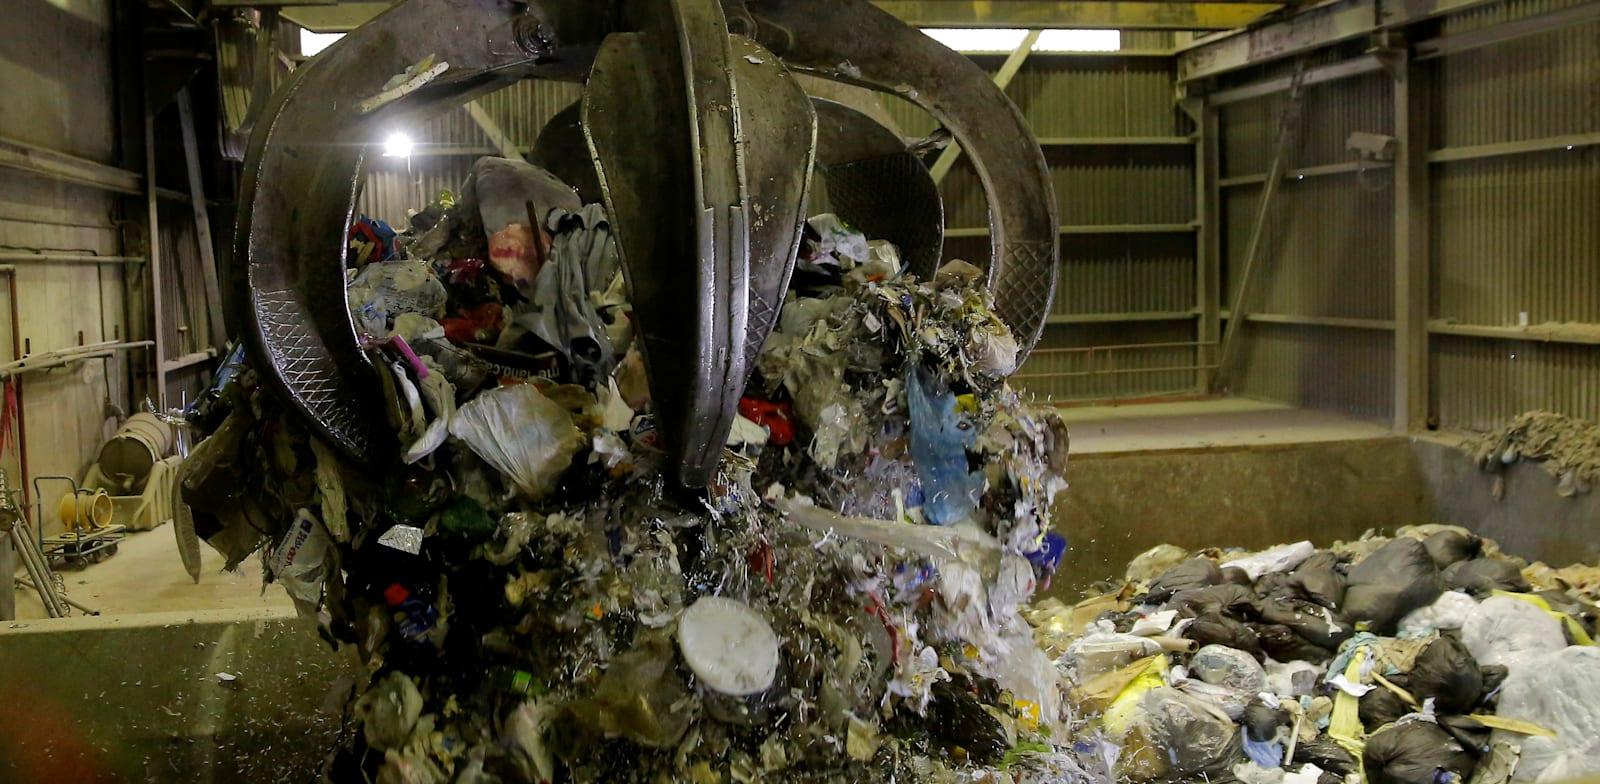 פסולת במתקן שרפה בקנדה / צילום: Reuters, Lindsey Wasson